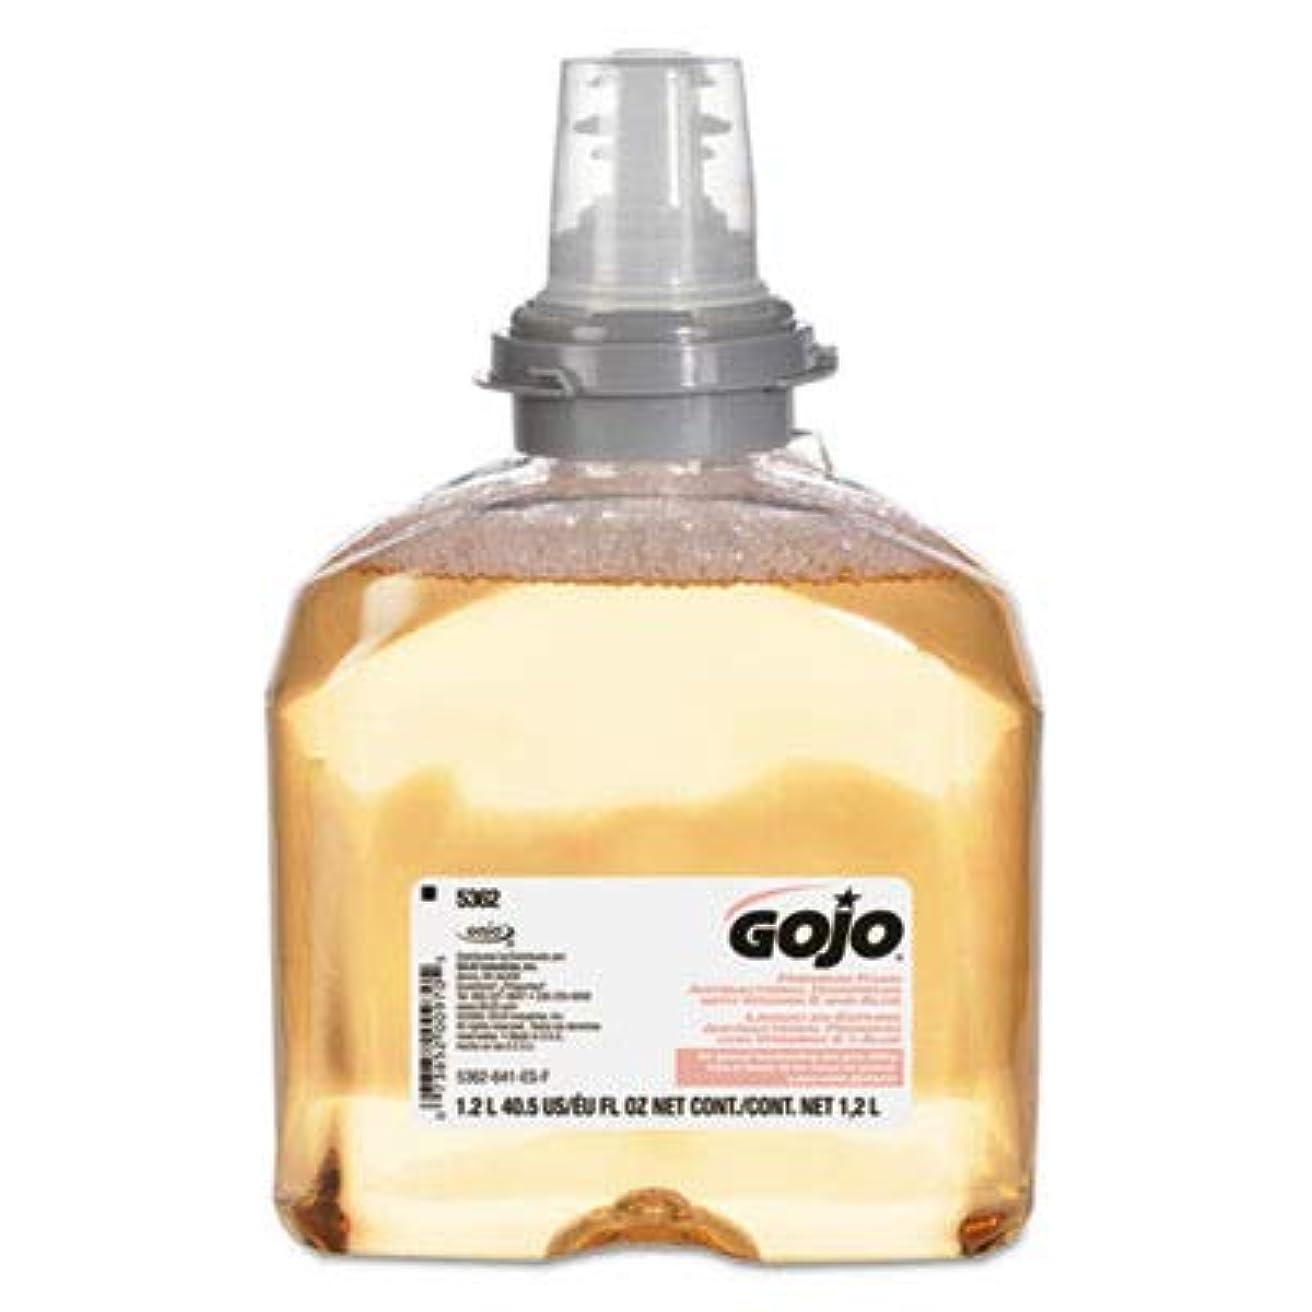 参照始まりポスターGOJO 5362 – 02プレミアムフォーム抗菌手洗い、1200 ml ( Pack of 2 )